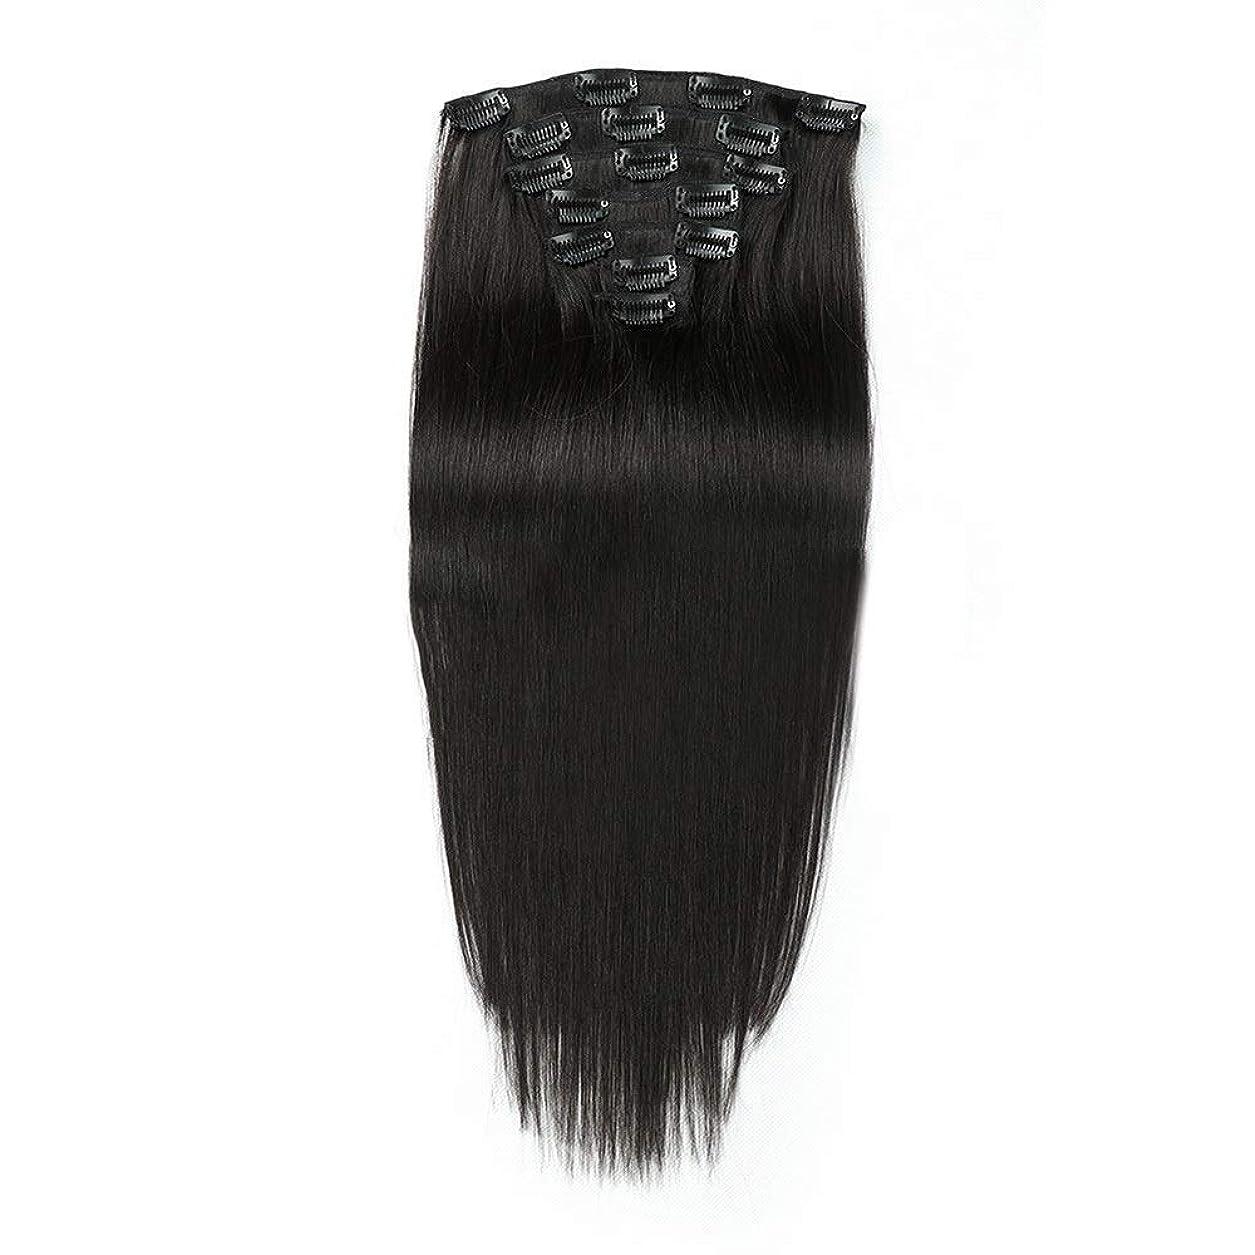 より良い指明らかにするHOHYLLYA 人間の髪の毛の拡張子で14インチクリップ - #1黒7個ロングストレートウィッグ (色 : #1 Black)